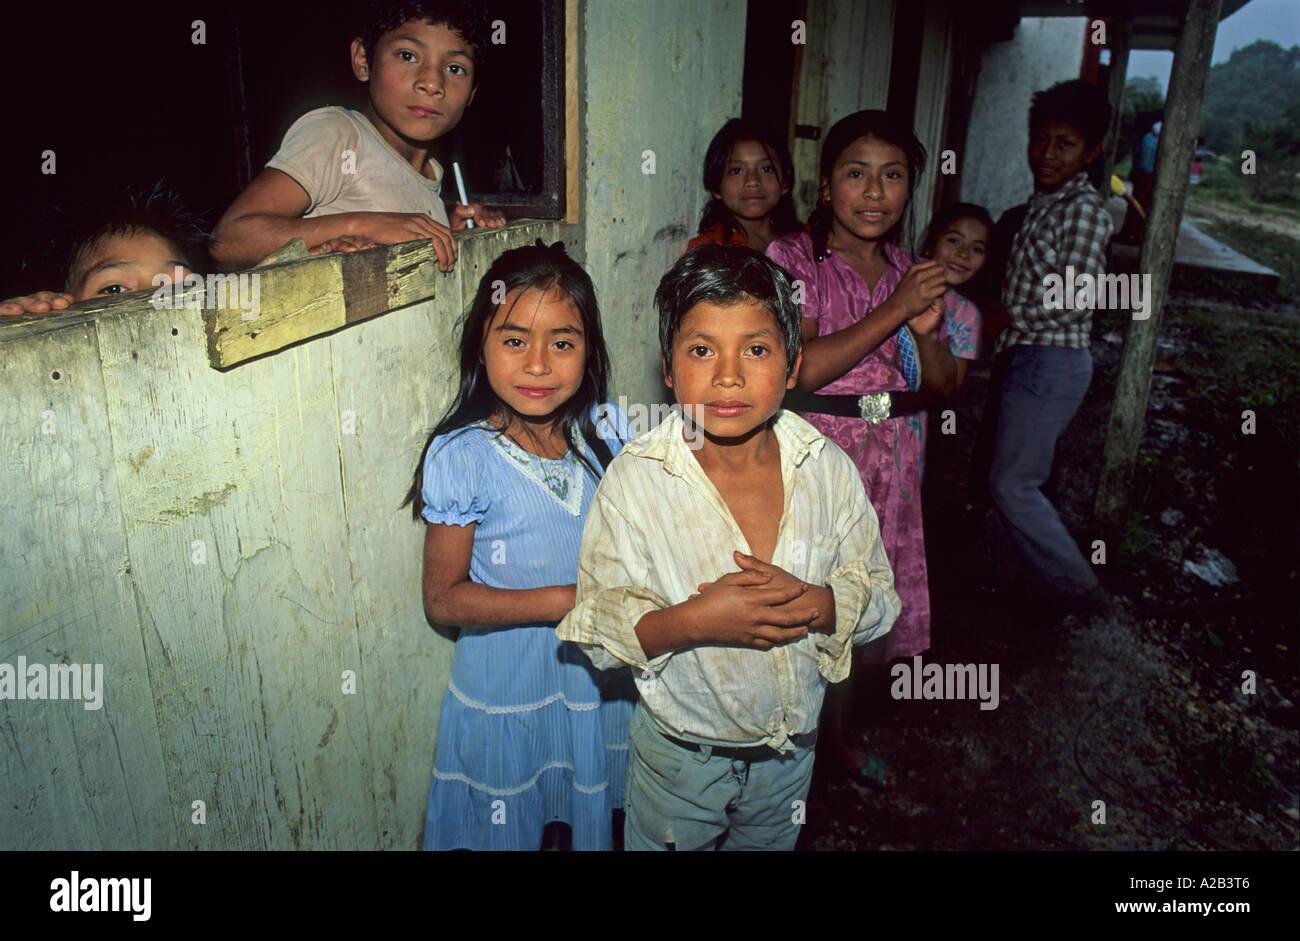 Pupils in tzicau chiapas mexico stock image